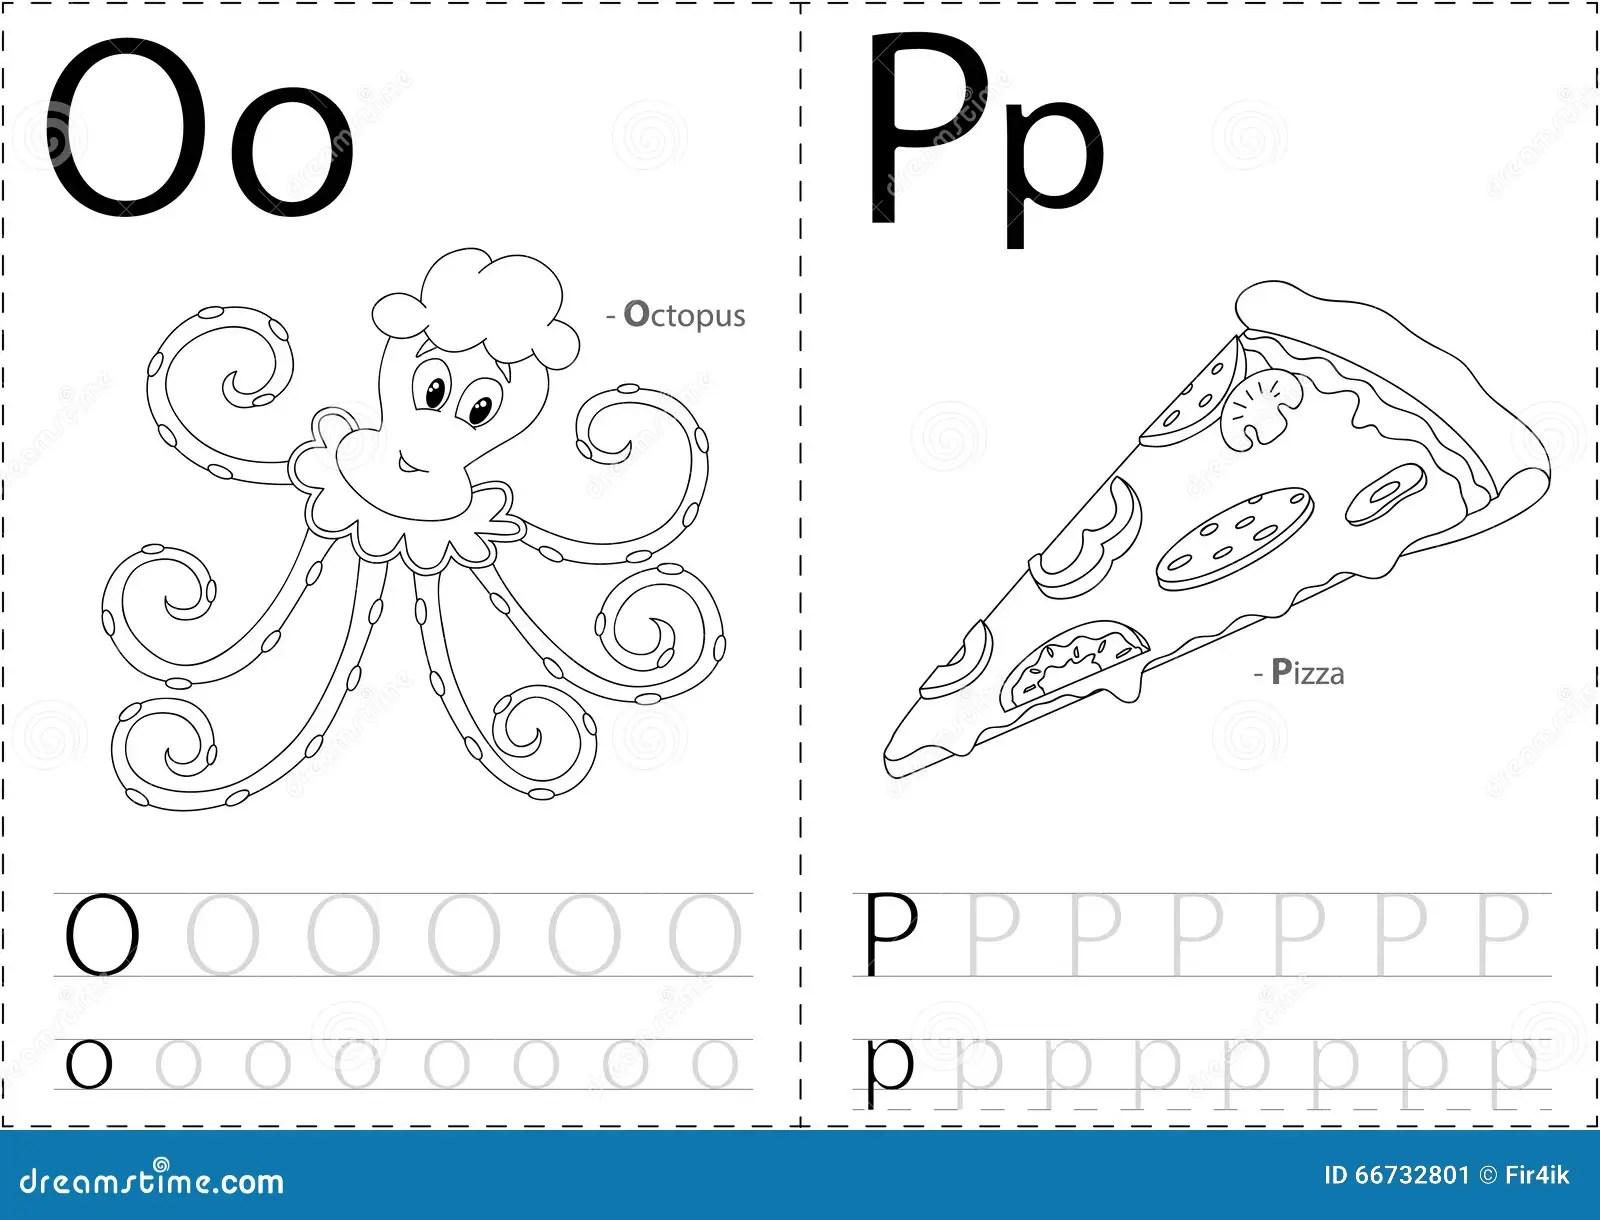 K Z Pizza